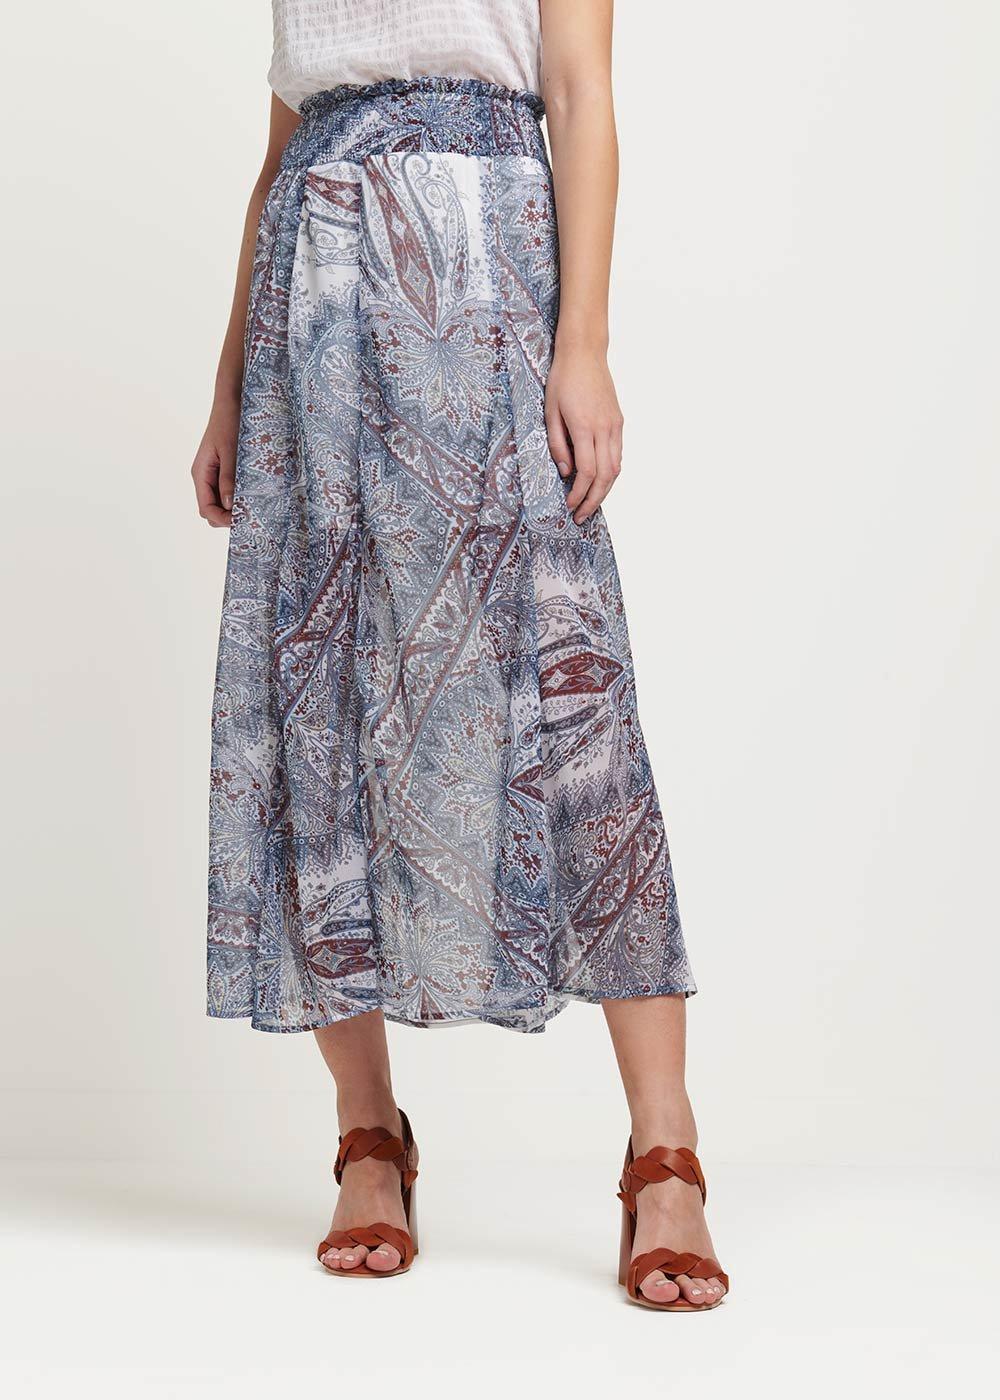 Giuditta all over patterned skirt - White\ Avion\ Fantasia - Woman